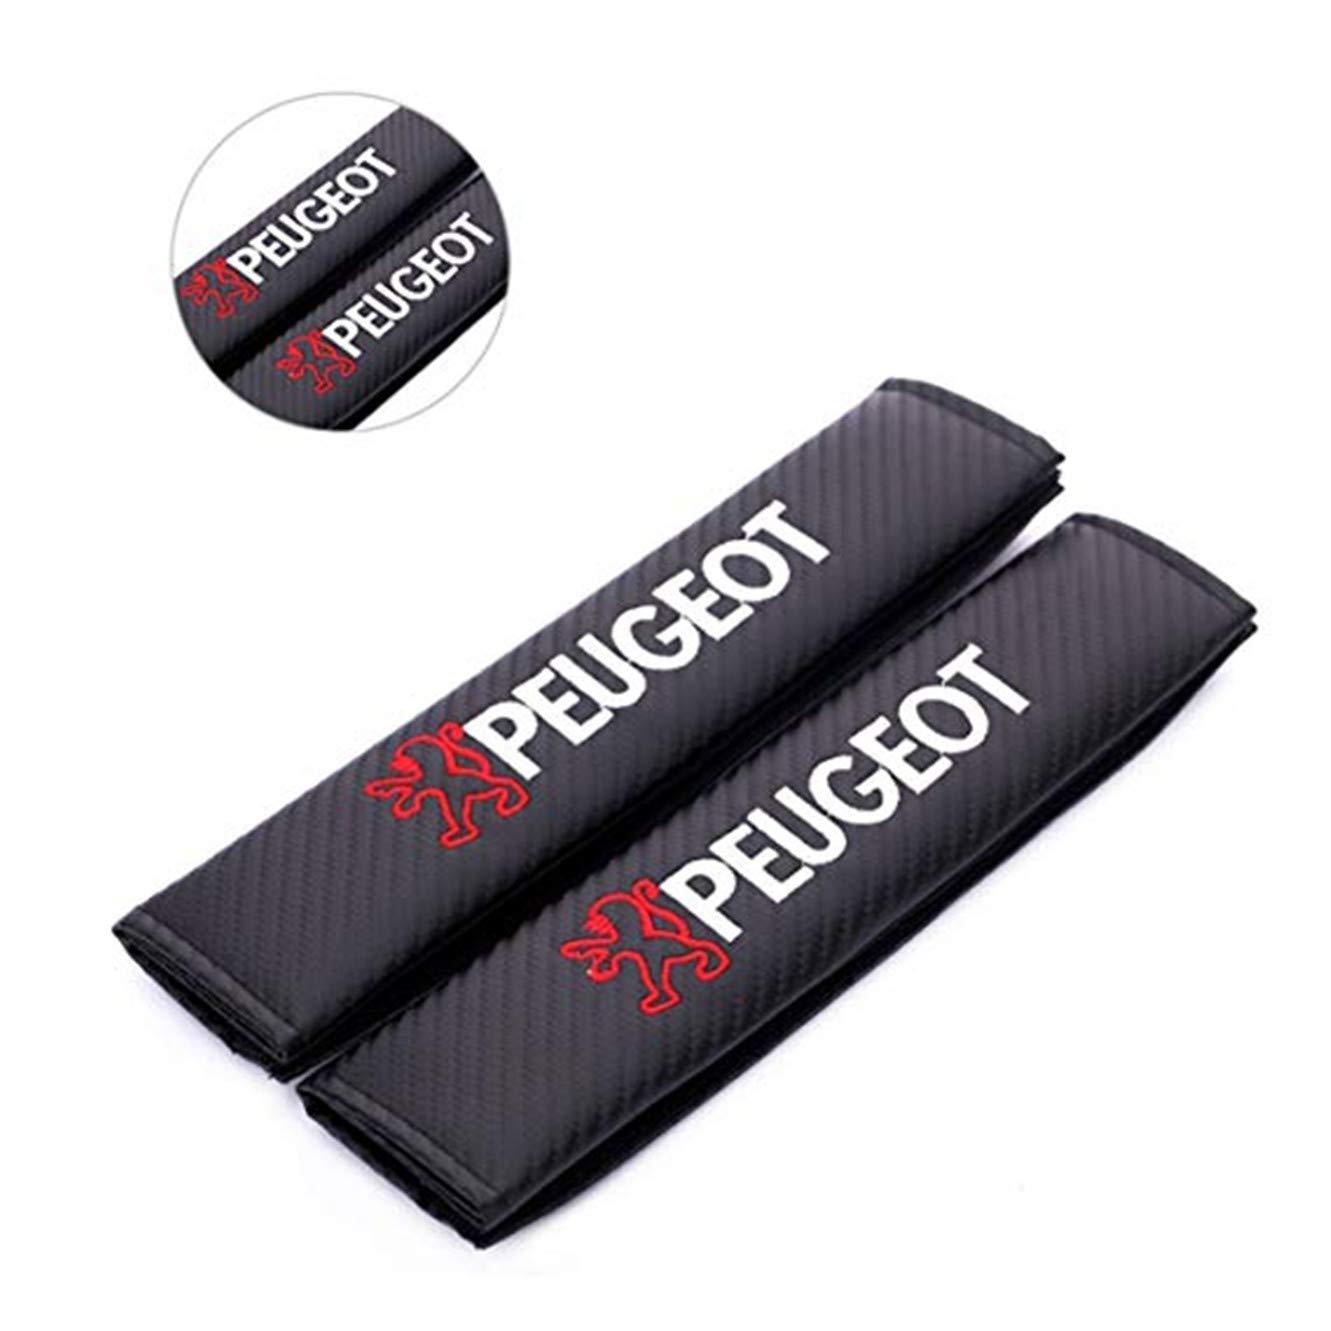 fanlinxin 2 Piezas de Fibra de Carbono + Bordado Funda de cinturó n de Coche Almohadilla de Hombro cojí n para Peugeot